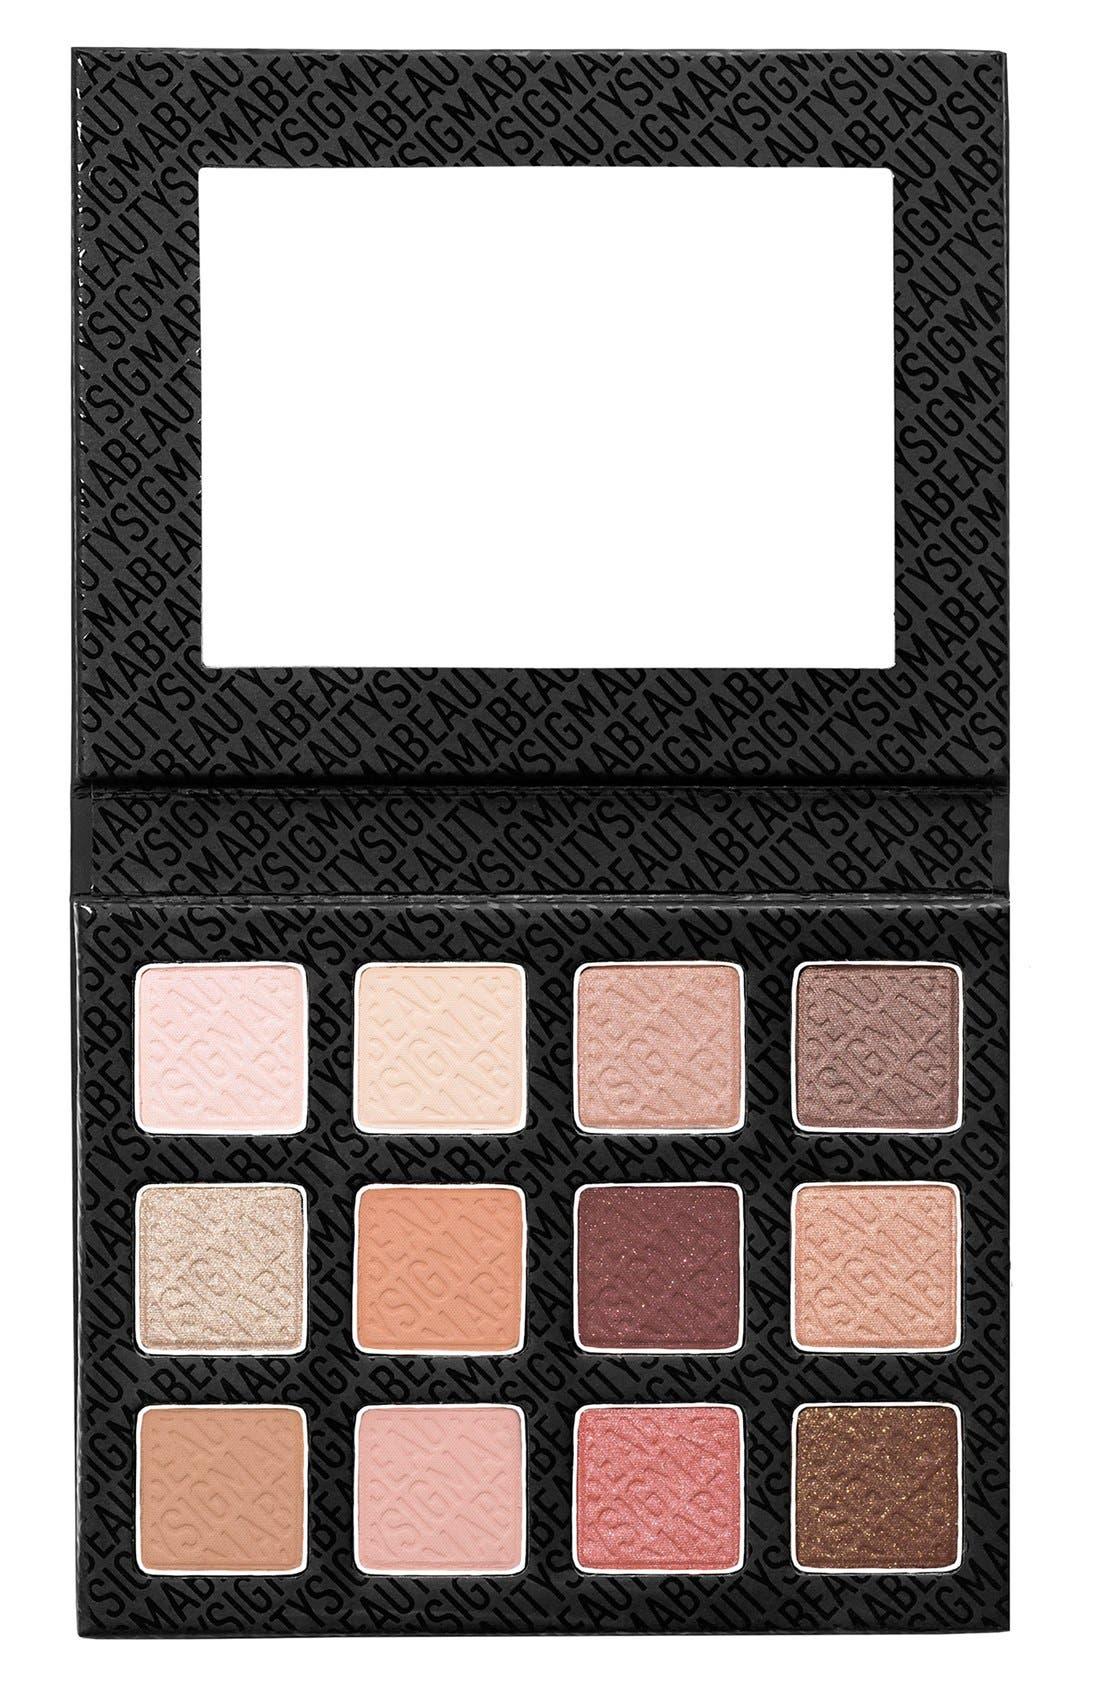 Sigma Beauty 'Warm Neutrals' Eyeshadow Palette